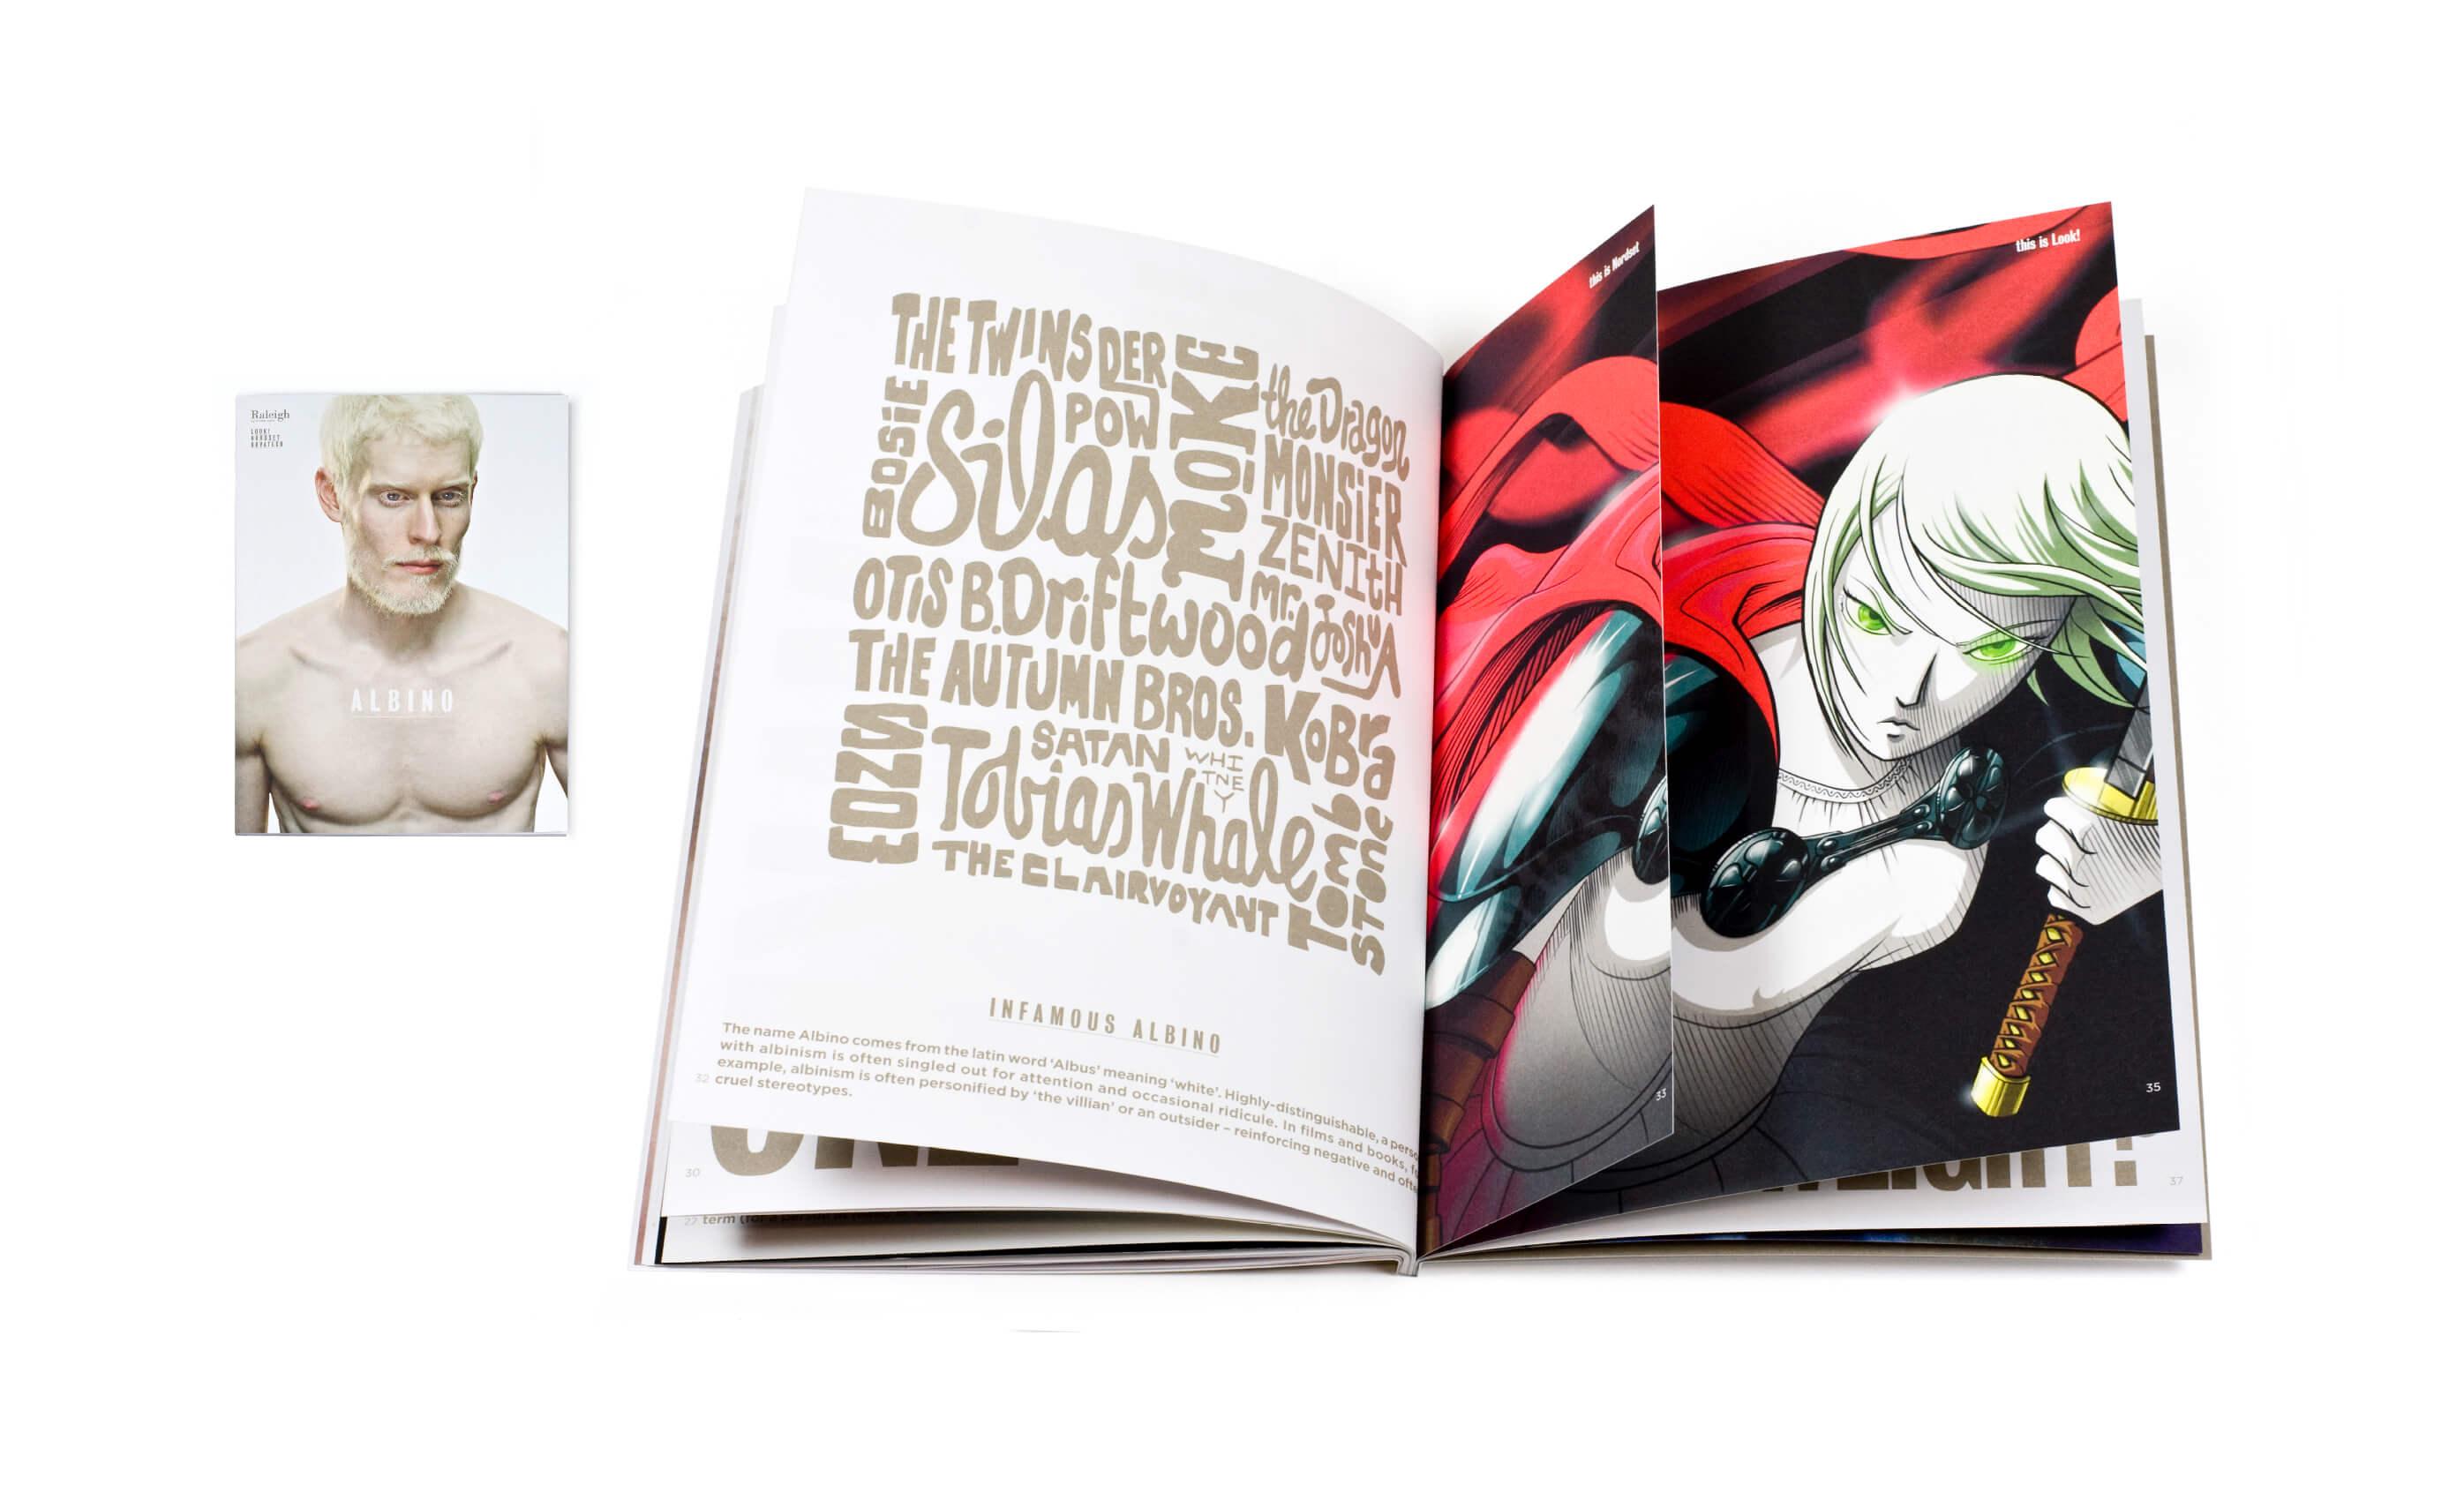 Archive-Albino1